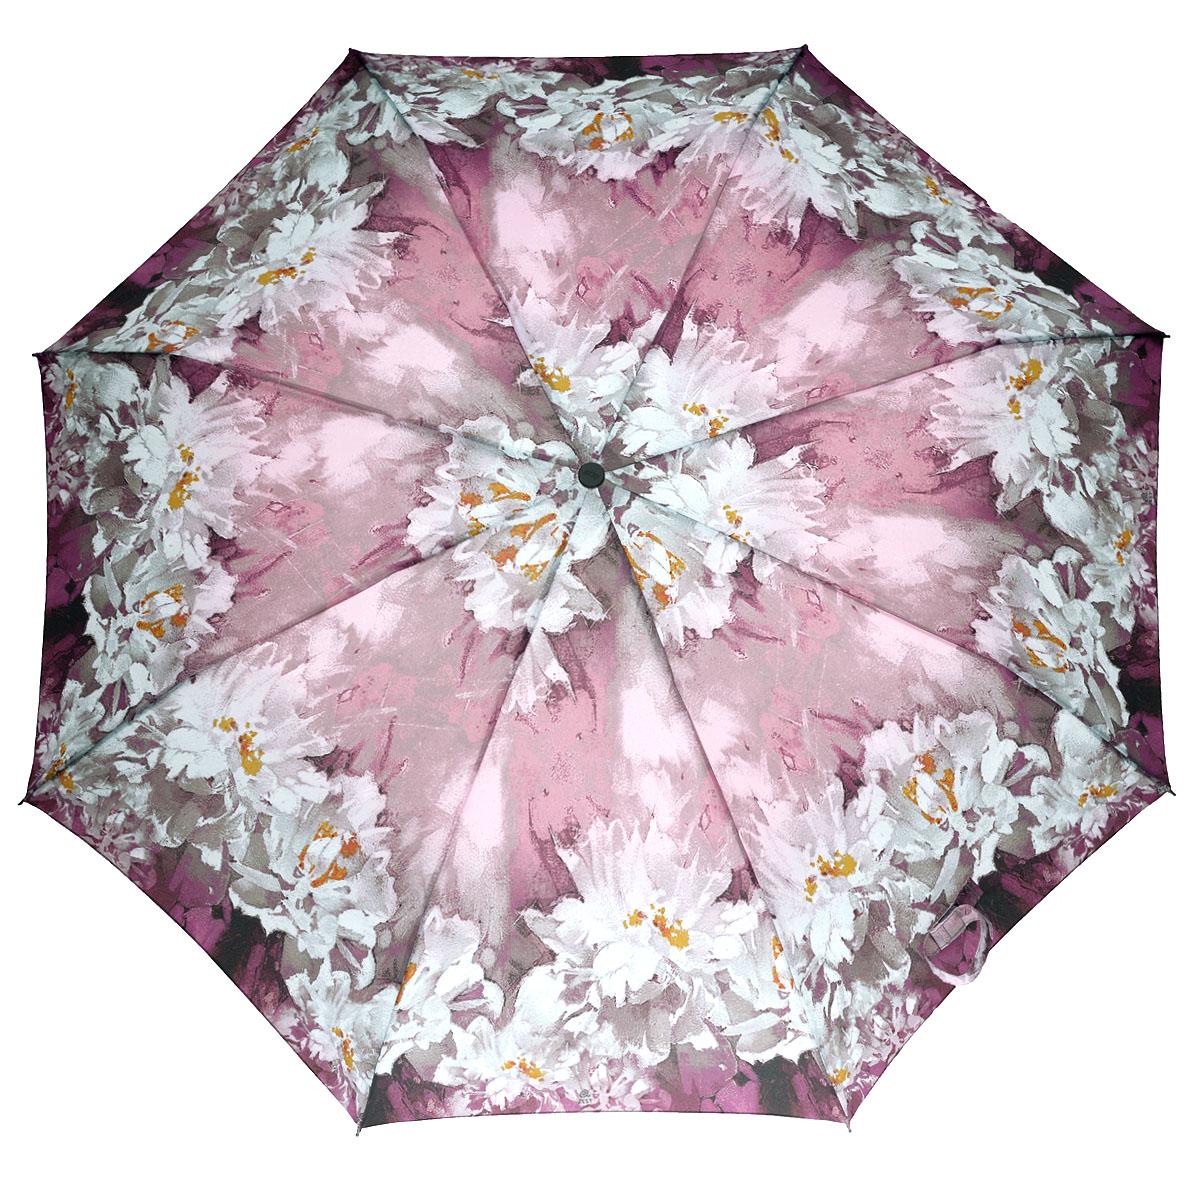 Зонт женский Zest, автомат, 3 сложения, цвет: розово-фиолетовый, белый. 23846-43423846-434Прелестный автоматический зонт Zest в 3 сложения изготовлен из высокопрочных материалов. Каркас зонта состоит из 8 спиц и прочного алюминиевого стержня. Специальная система Windproof защищает его от поломок во время сильных порывов ветра. Купол зонта выполнен из прочного полиэстера с водоотталкивающей пропиткой и оформлен красочным цветочным принтом. Используемые высококачественные красители обеспечивают длительное сохранение свойств ткани купола. Рукоятка, разработанная с учетом требований эргономики, выполнена из пластика. Зонт имеет полный автоматический механизм сложения: купол открывается и закрывается нажатием кнопки на рукоятке, стержень складывается вручную до характерного щелчка. Благодаря этому открыть и закрыть зонт можно одной рукой, что чрезвычайно удобно при входе в транспорт или помещение. Небольшой шнурок, расположенный на рукоятке, позволяет надеть изделие на руку при необходимости. Модель закрывается при помощи хлястика на застежку-липучку. К зонту...